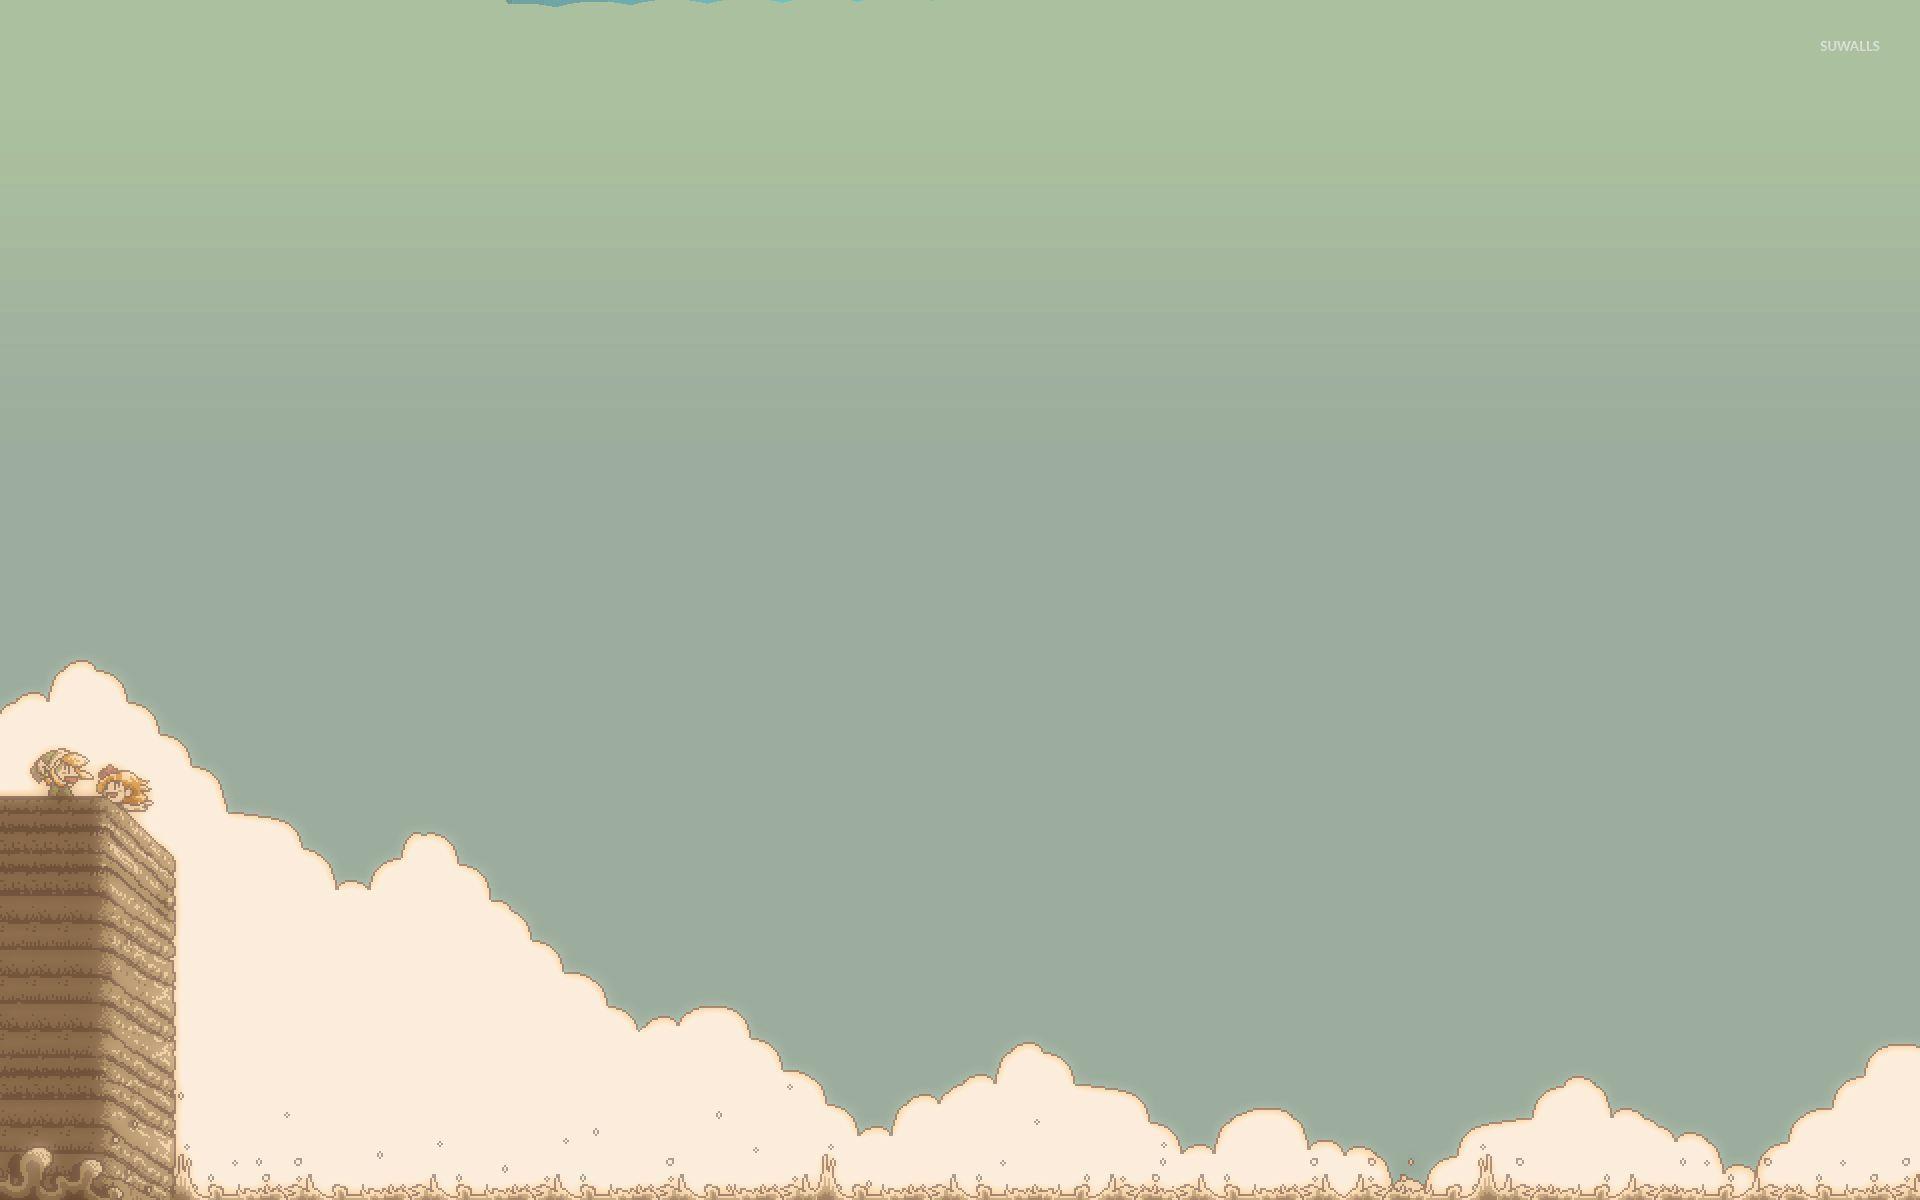 8 Bit Zelda Wallpaper